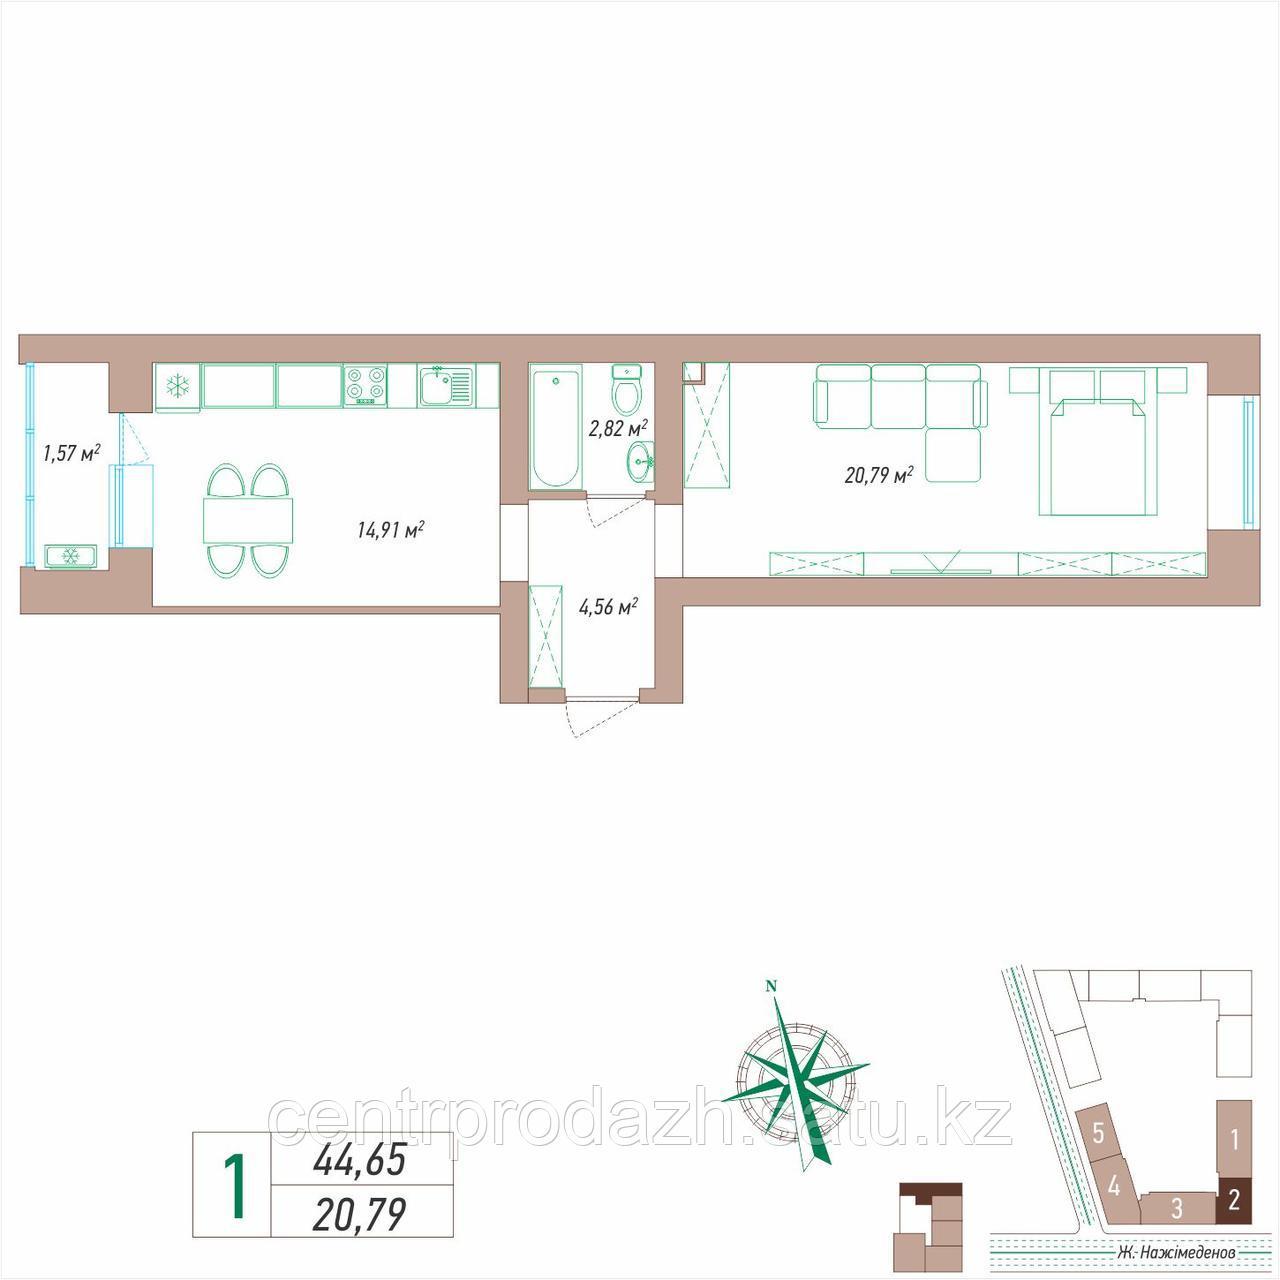 1 комнатная квартира 44.65 м²